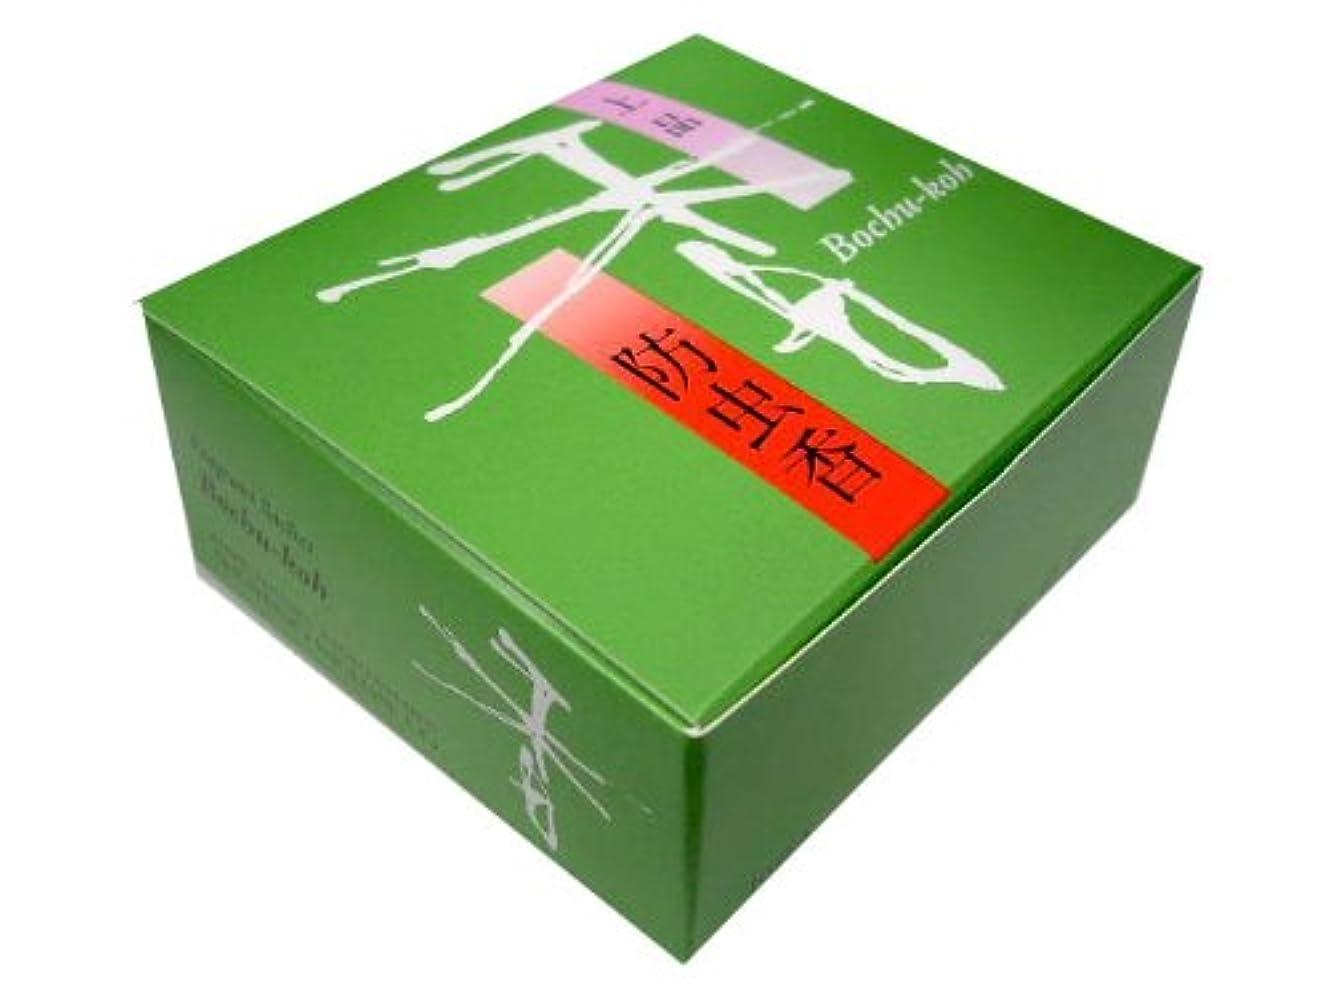 勘違いする拍手するゲート松栄堂の防虫香 上品 防虫香 10袋入 #520138